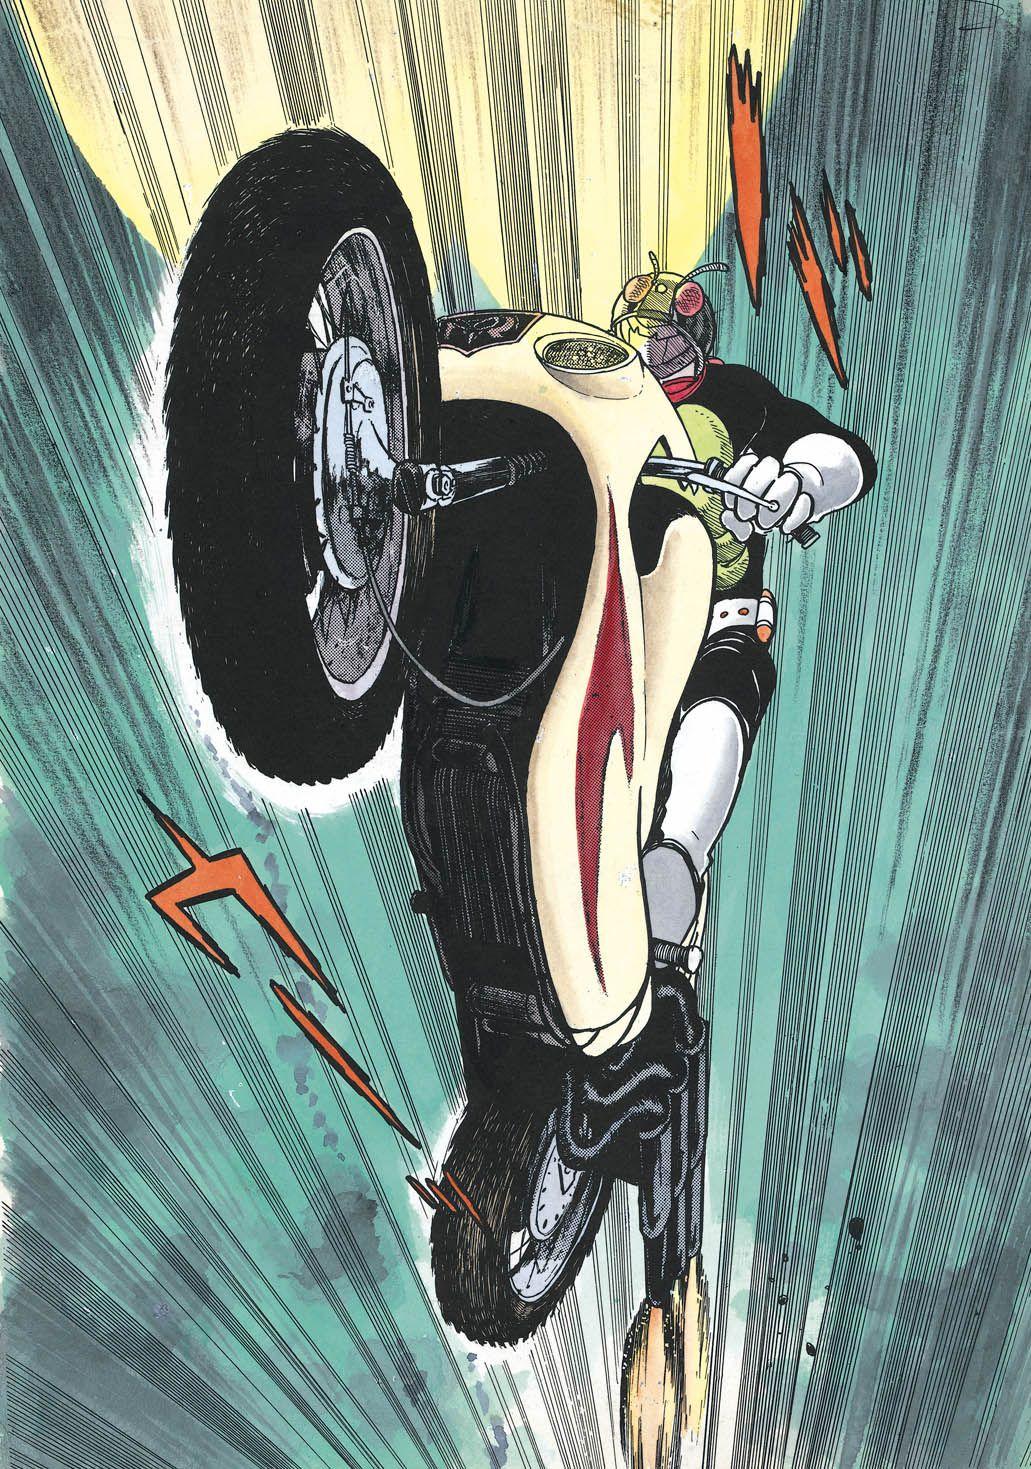 Kamen Rider by Shotaro Ishinomori